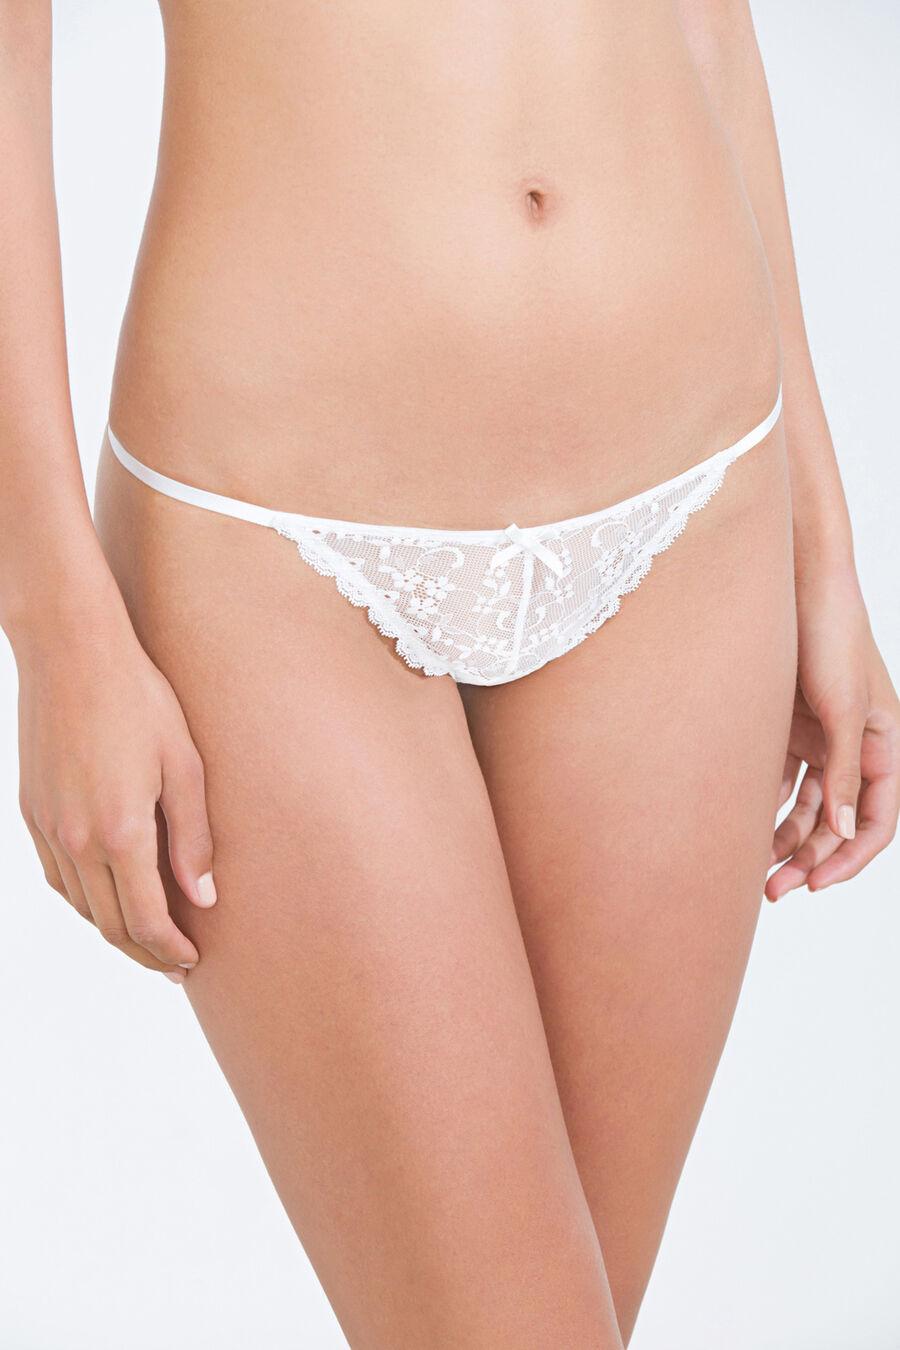 Lace strap Brazilian brief